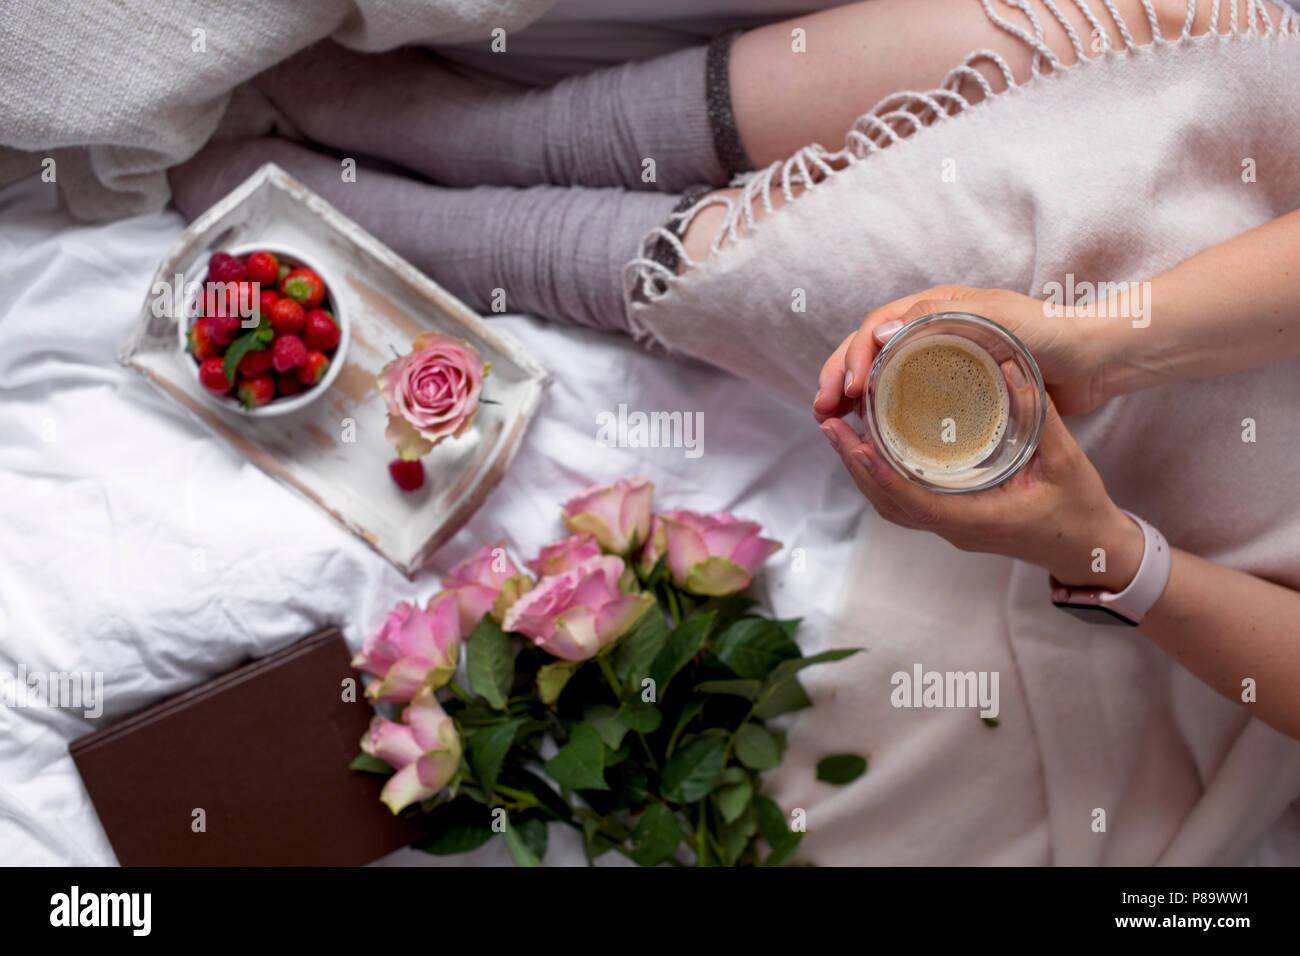 Mädchen Im Bett Kaffee Frühstück Blumen Romantik Und